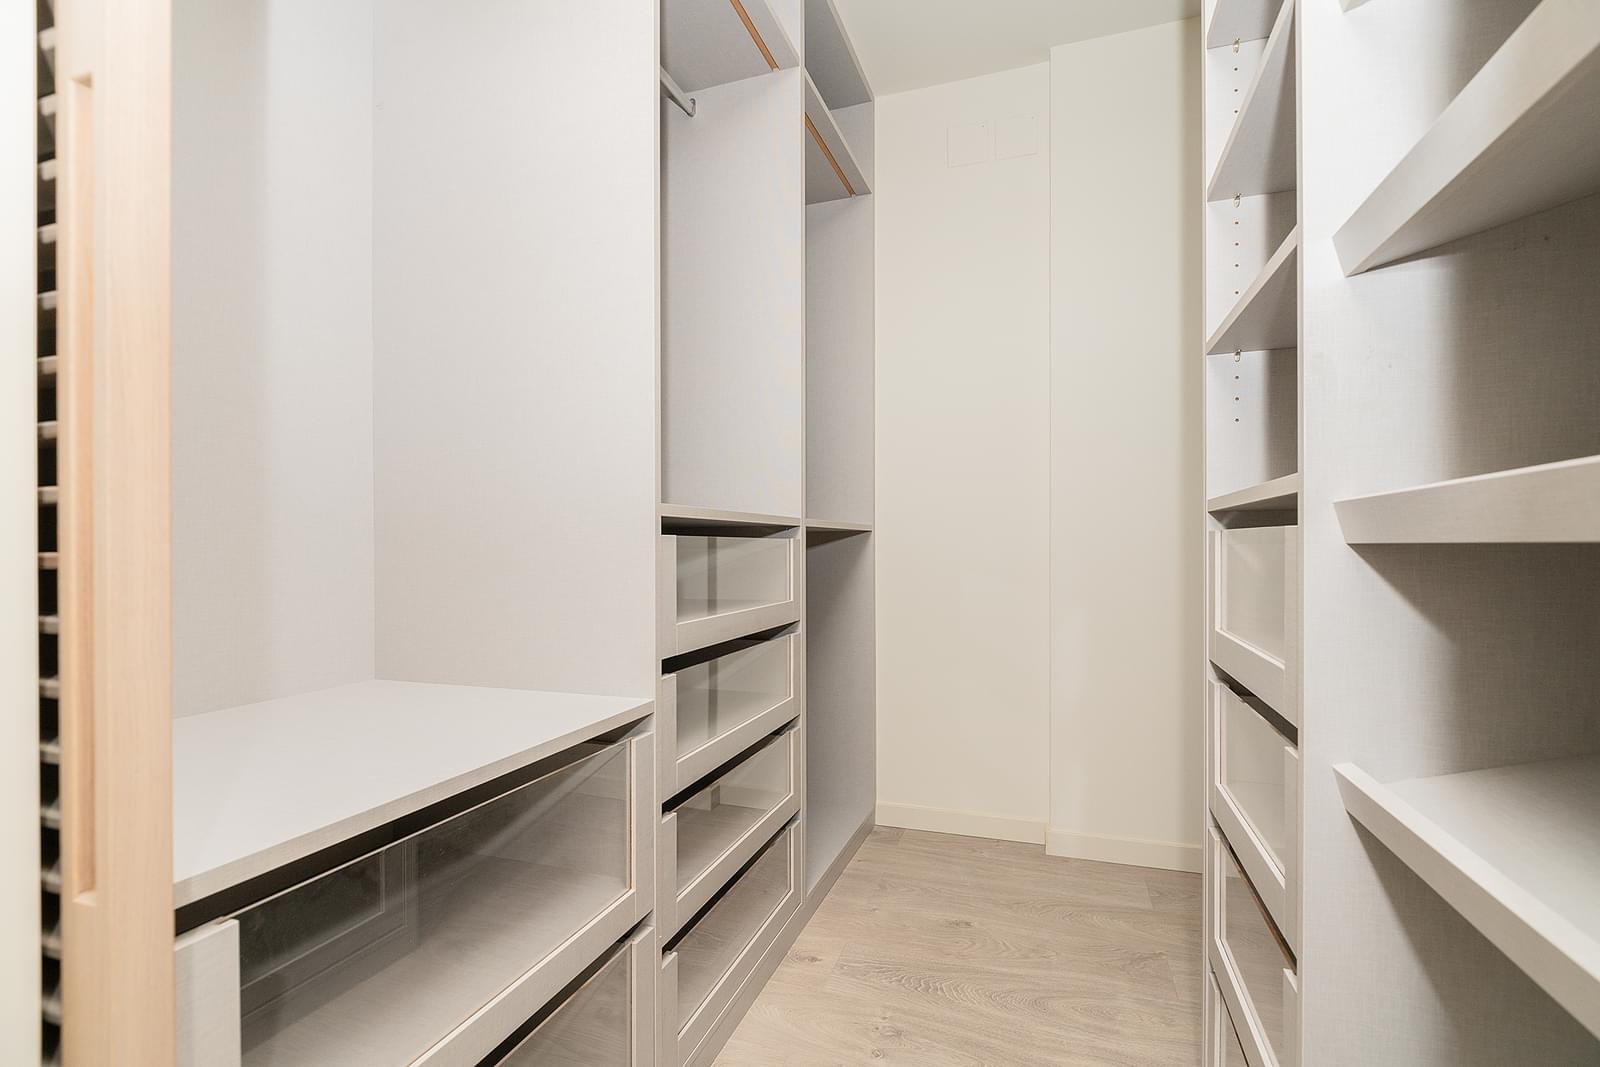 pf18308-apartamento-t2-lisboa-7b121ae3-df8d-41b0-afbd-2f1af27715ef